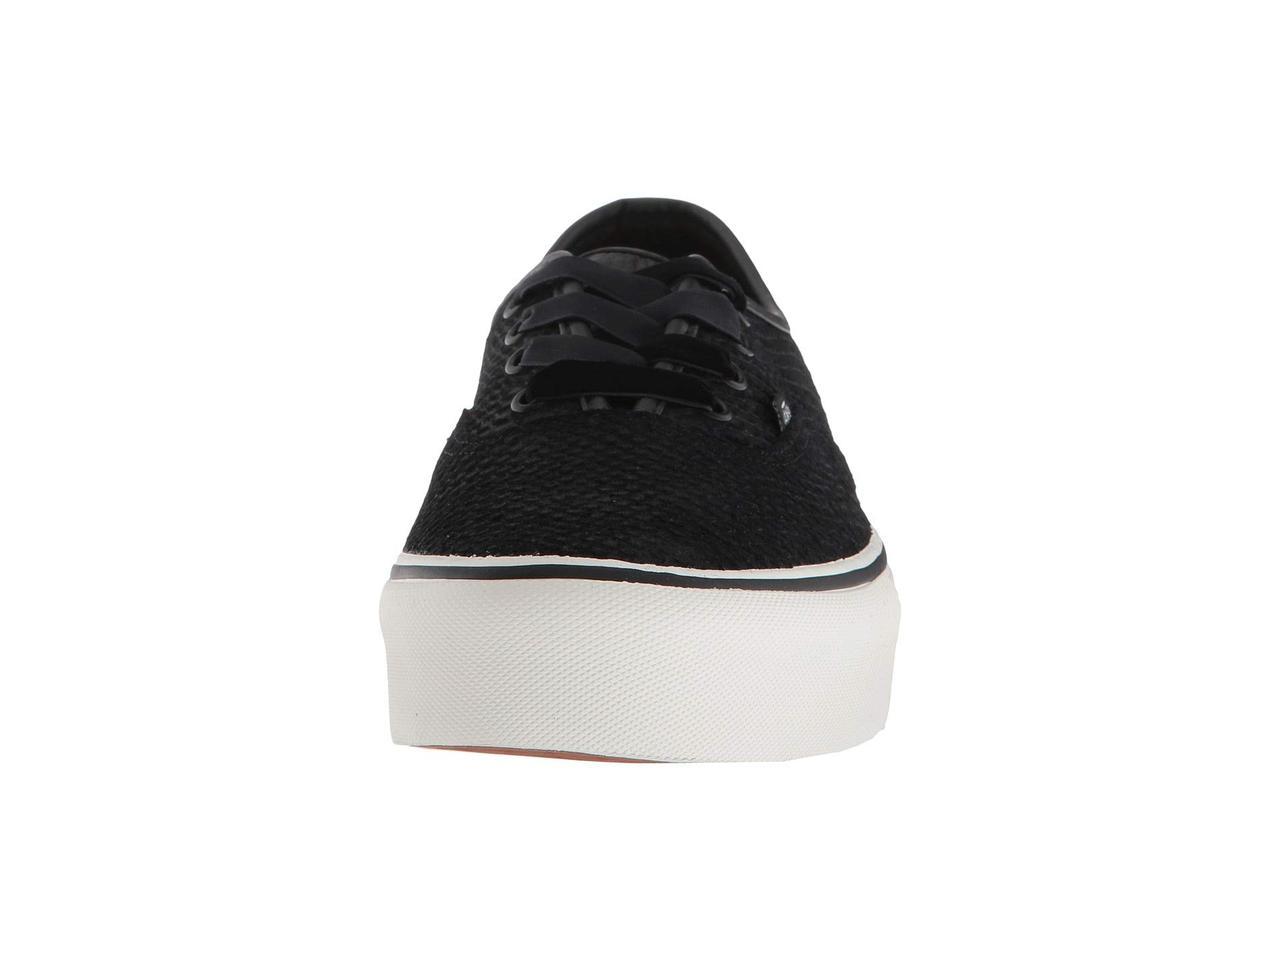 ... Кроссовки Кеды (Оригинал) Vans Authentic Platform 2.0 (Leather) Snake  Black 9ff72d581